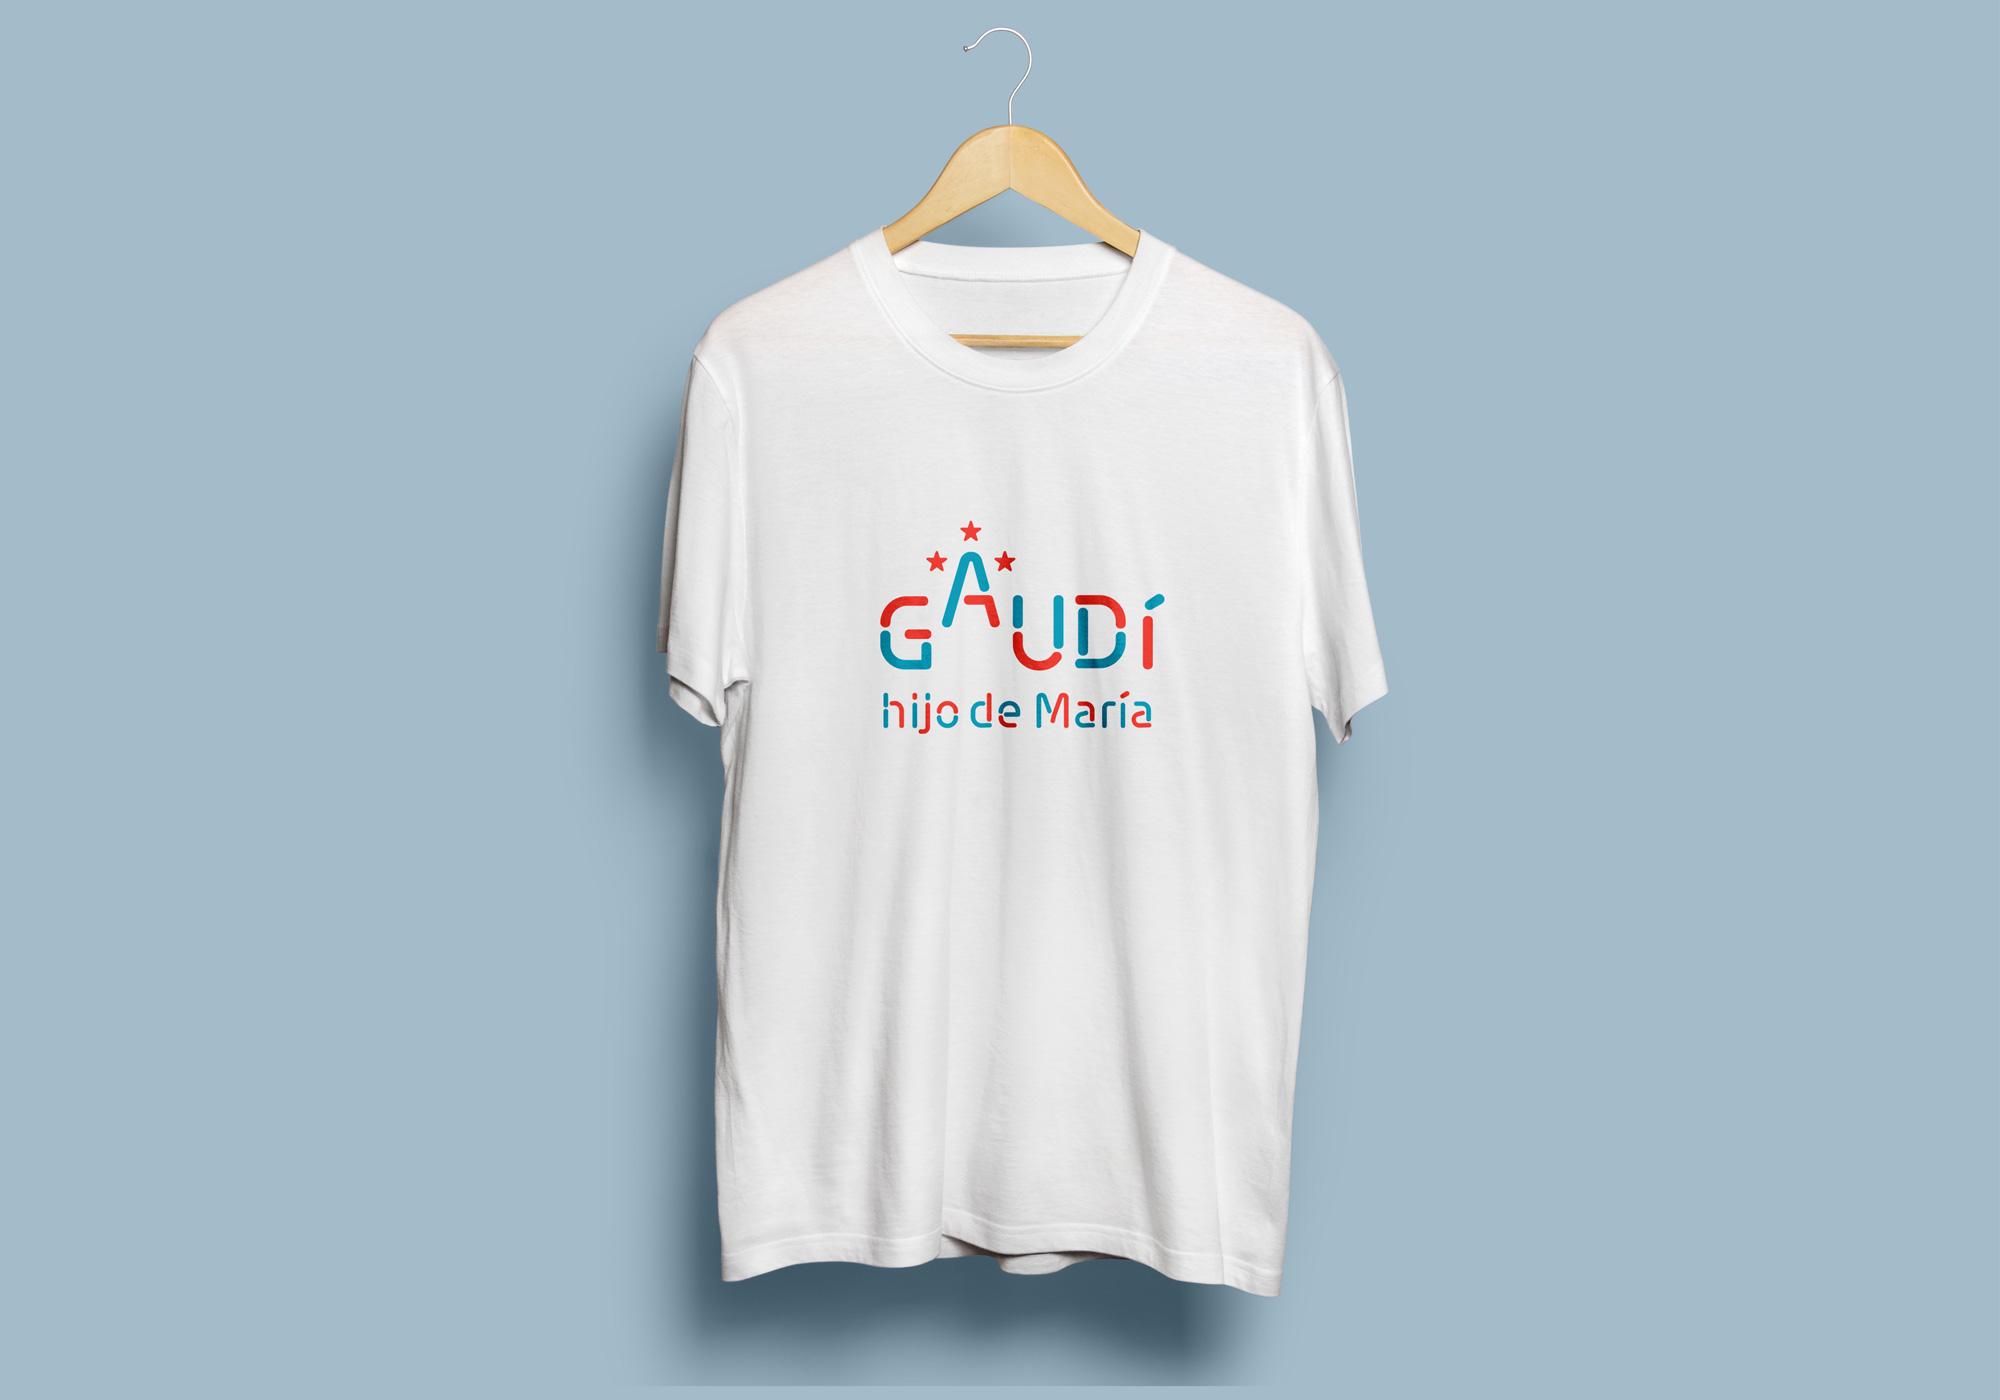 ghm-shirt